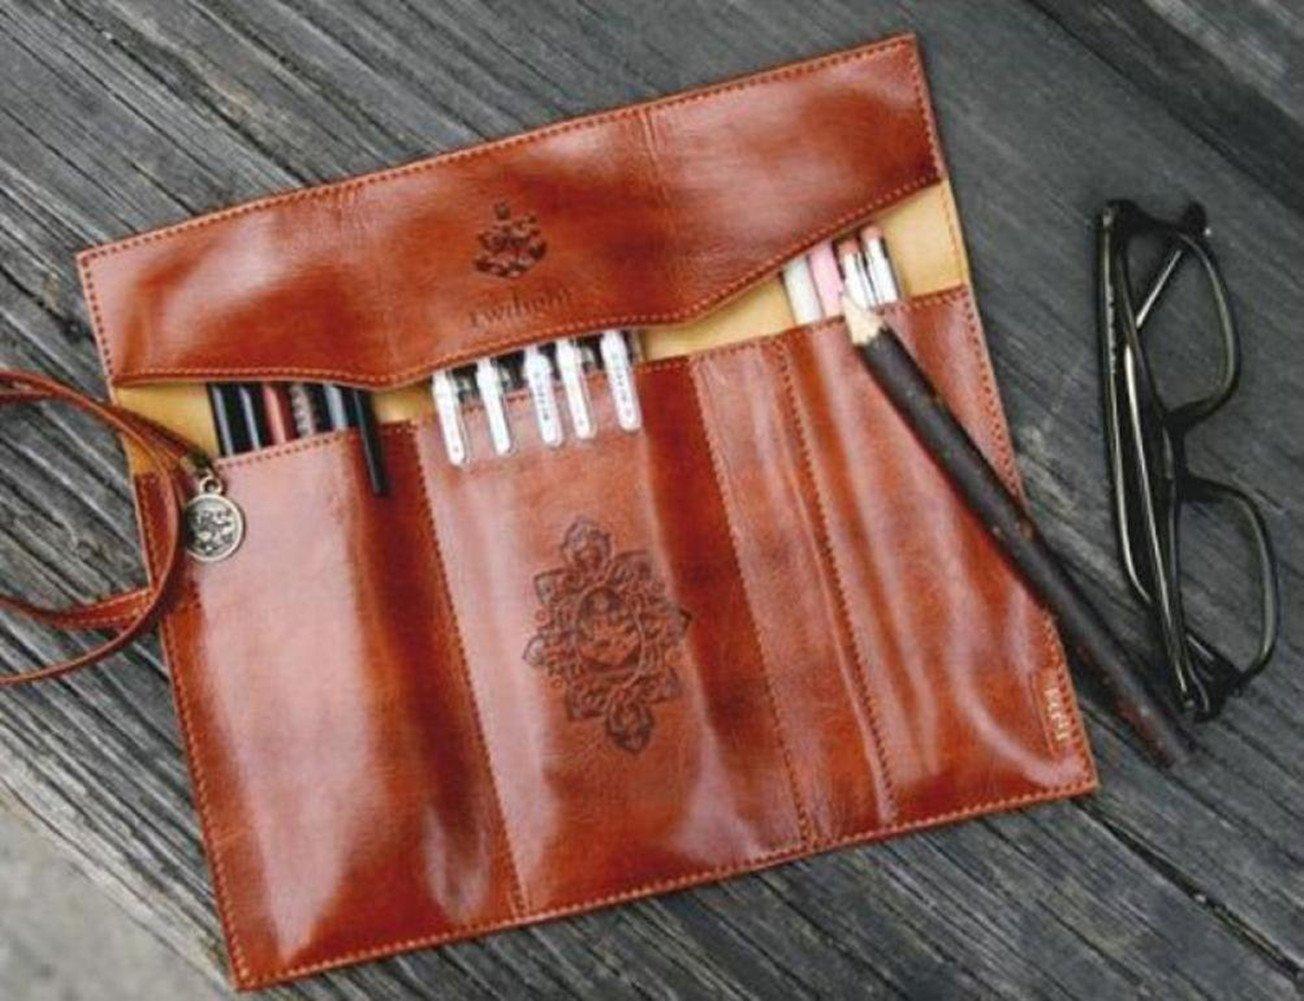 LAAT Trousse Vintage Sac /à Crayons Petites Bourses /étui /à Crayons Trousse /à Crayons Trousse Forme en Cuir de Maquillage Stylo /à Bille Personnalit/é